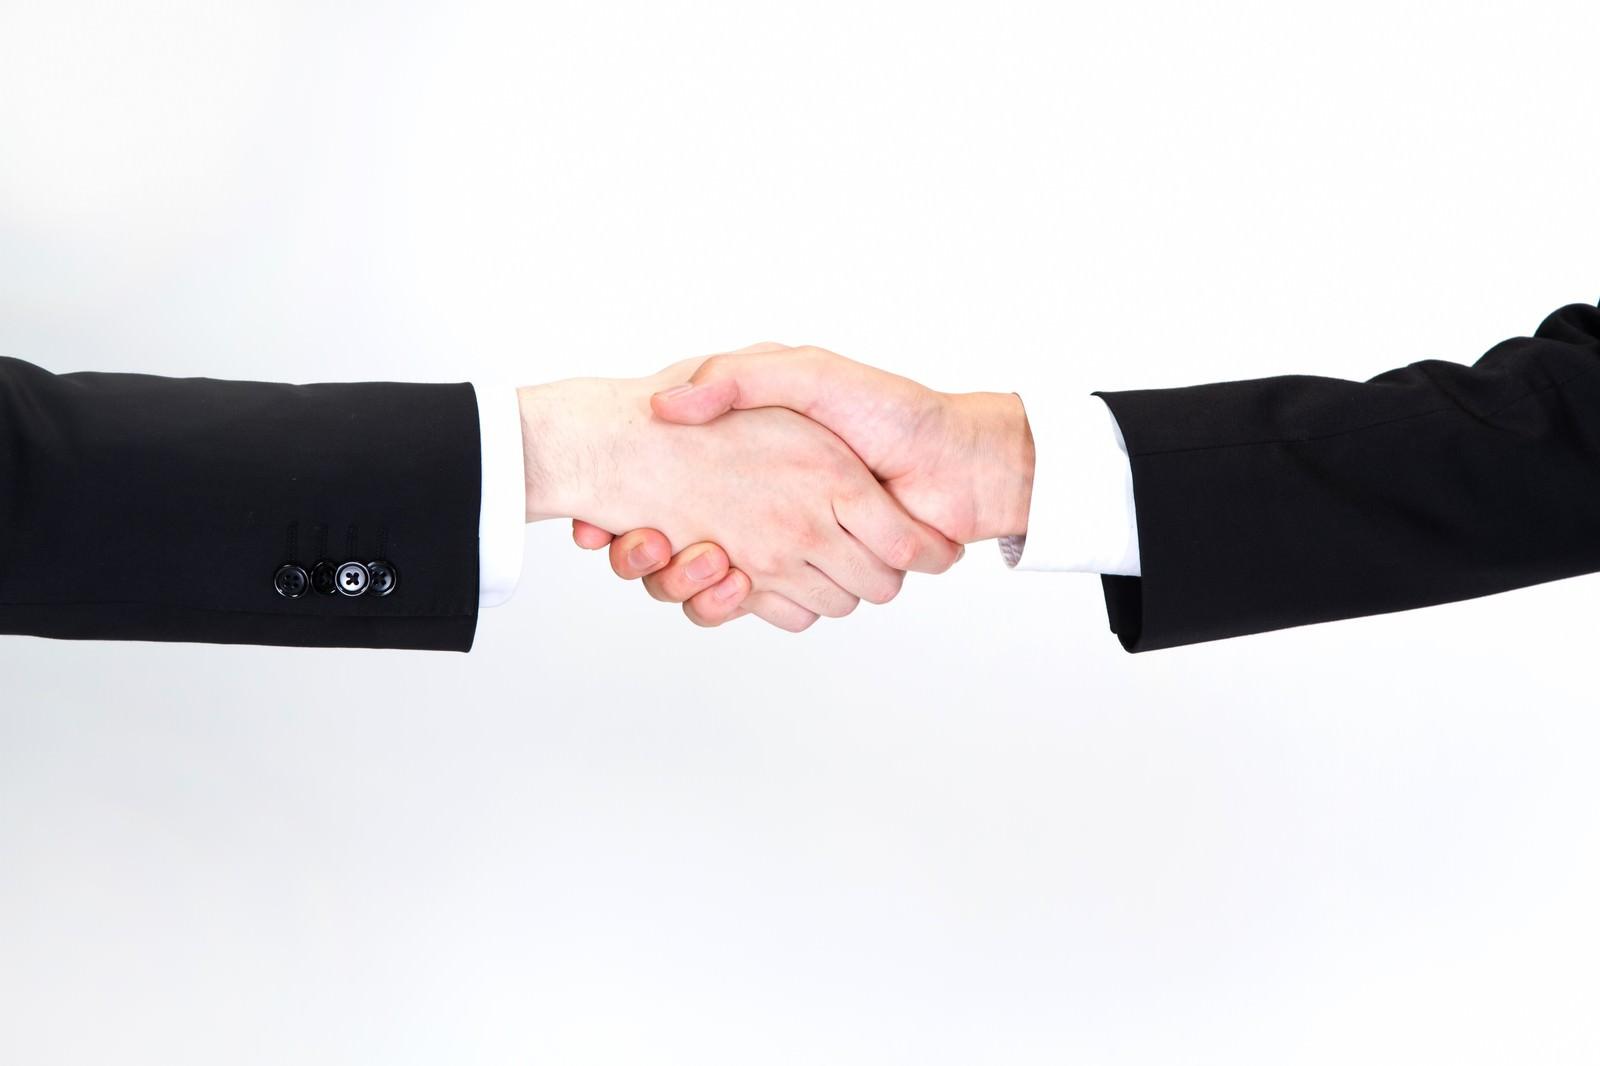 「握手をするビジネスマン(手)握手をするビジネスマン(手)」のフリー写真素材を拡大